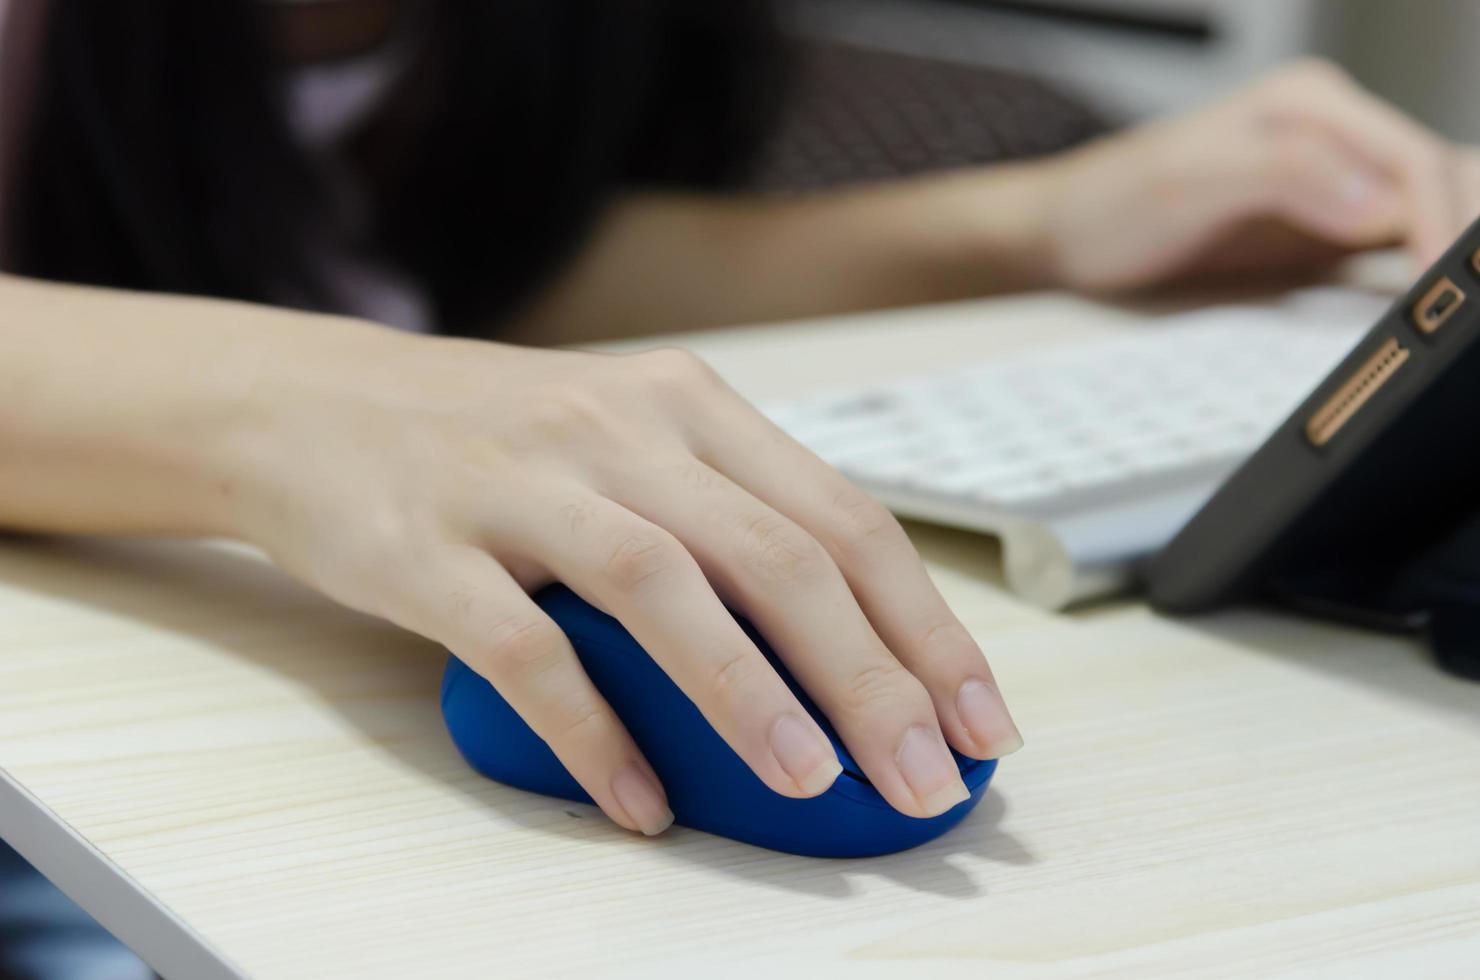 de hand van een meisje met een blauwe computermuis foto